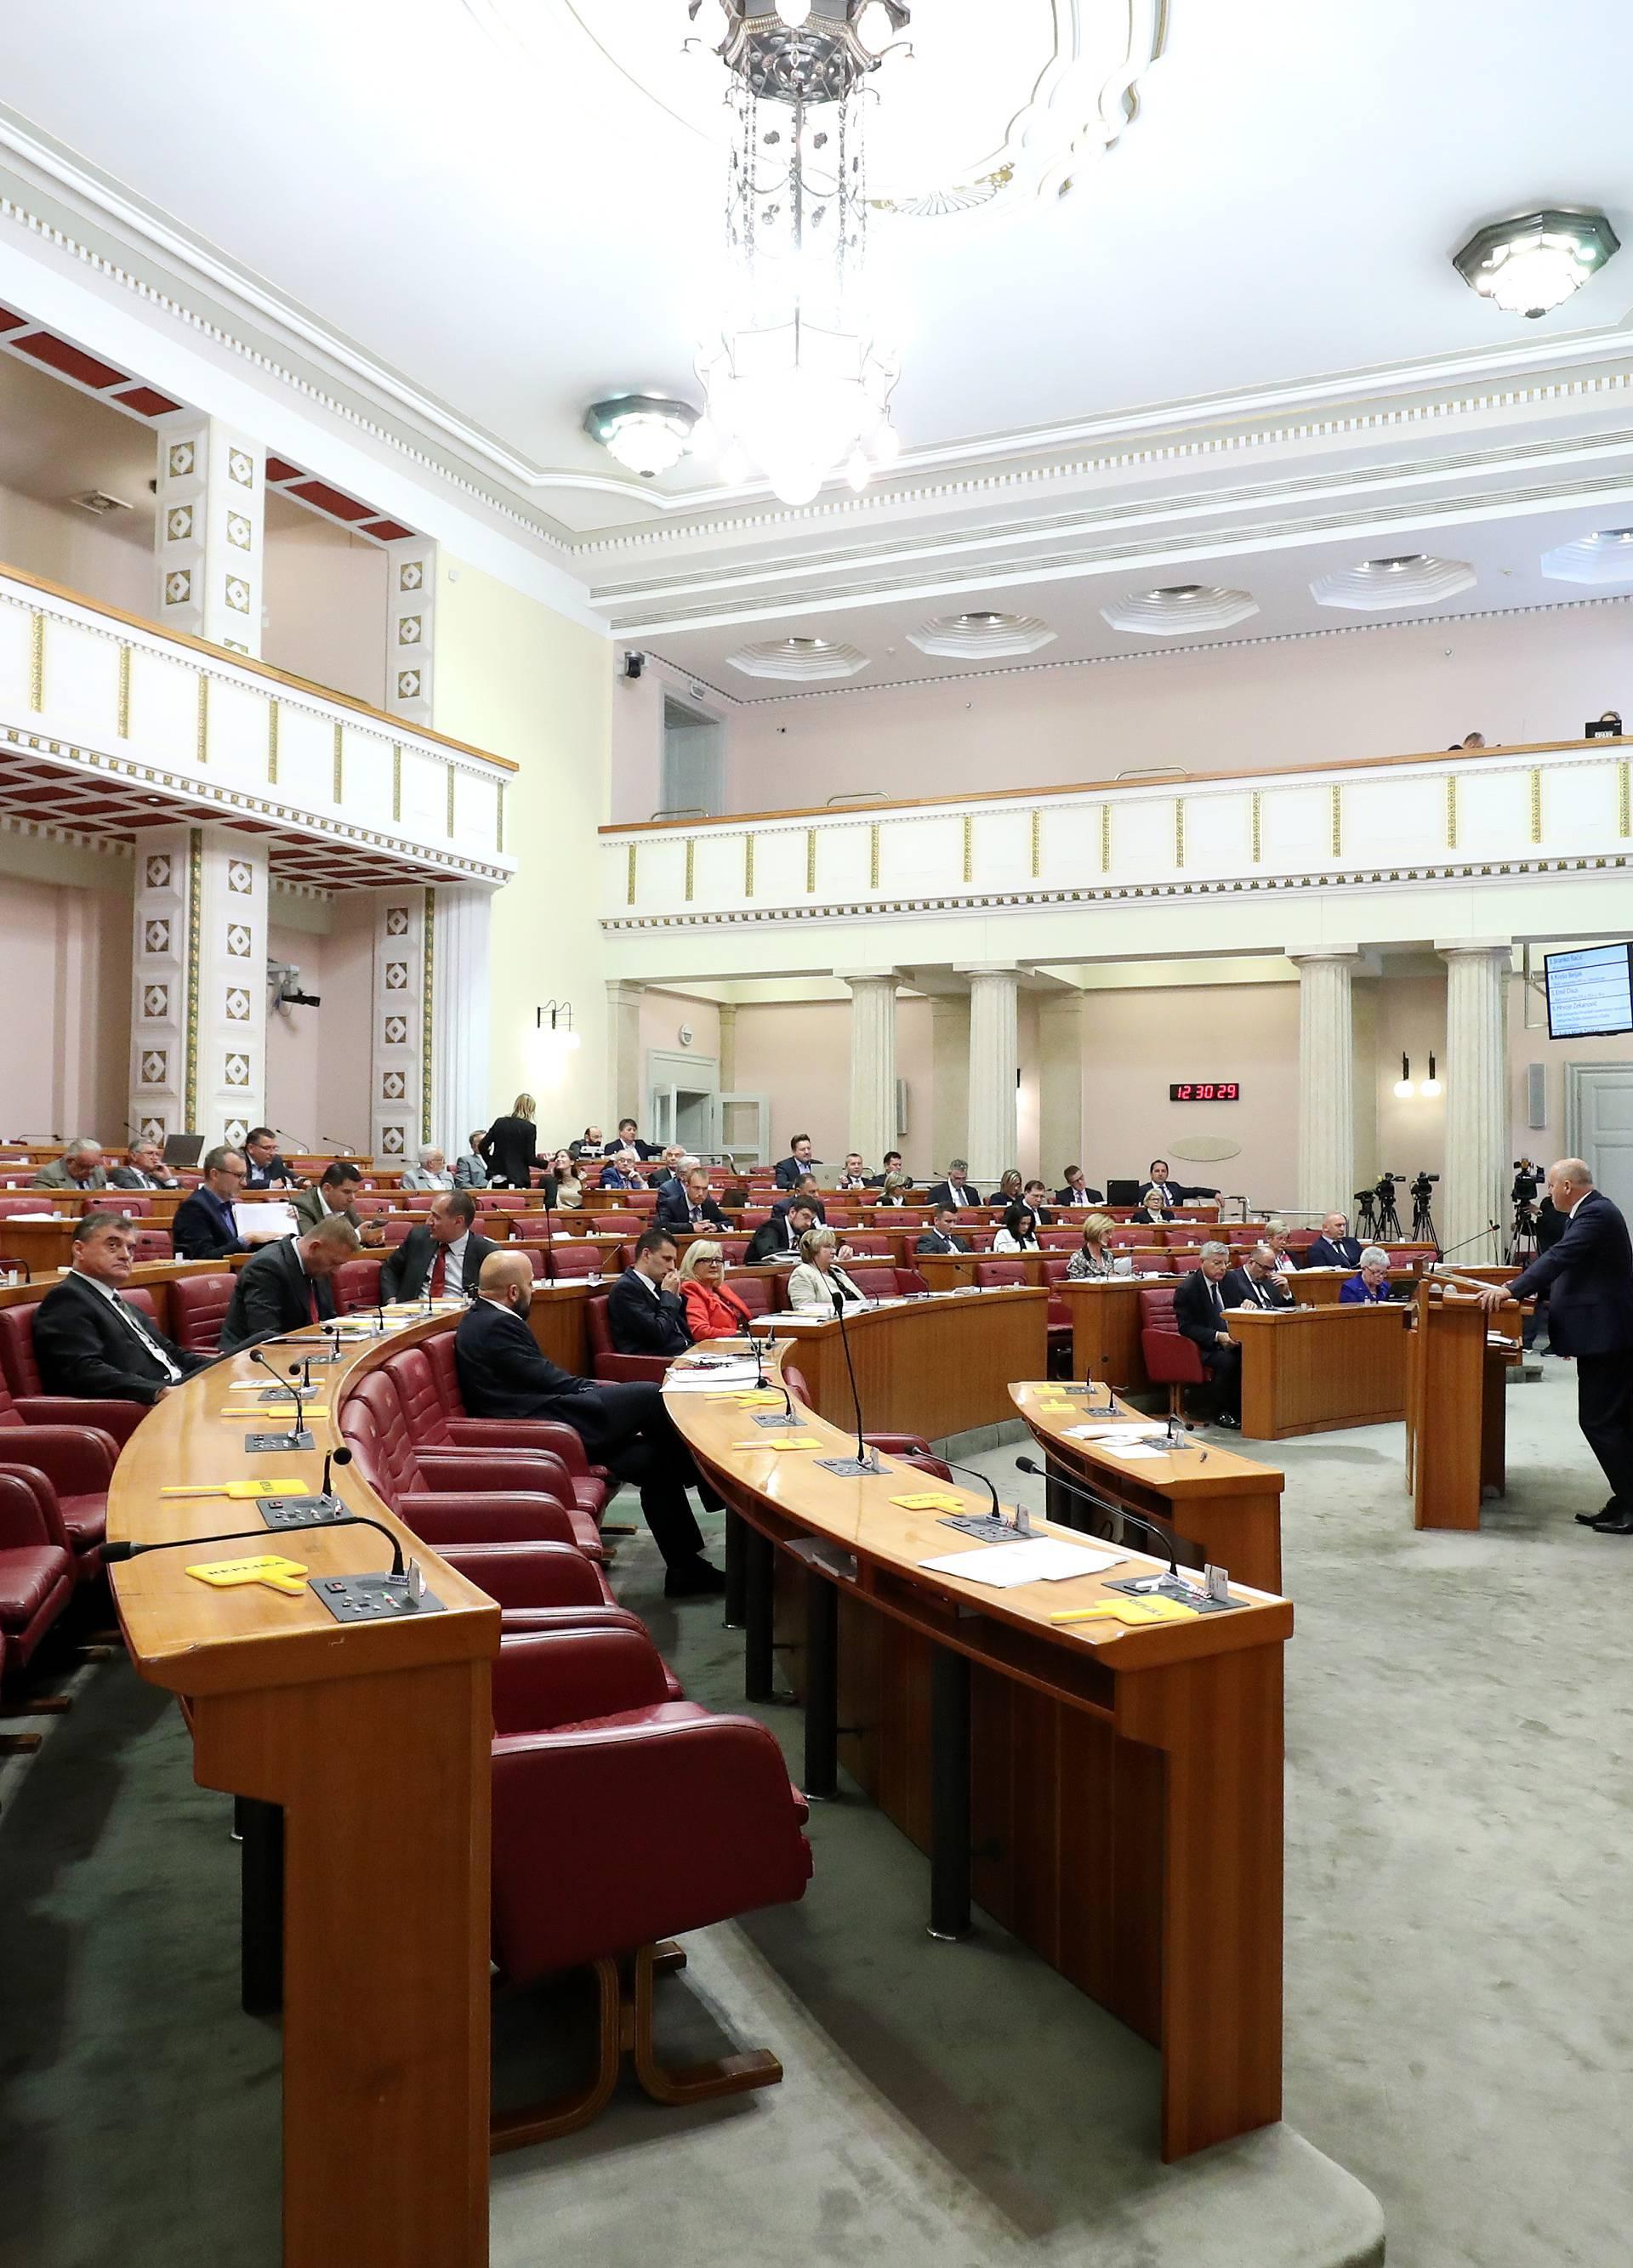 EPP će za uporabu dvorana u Saboru platiti 74.488 kuna